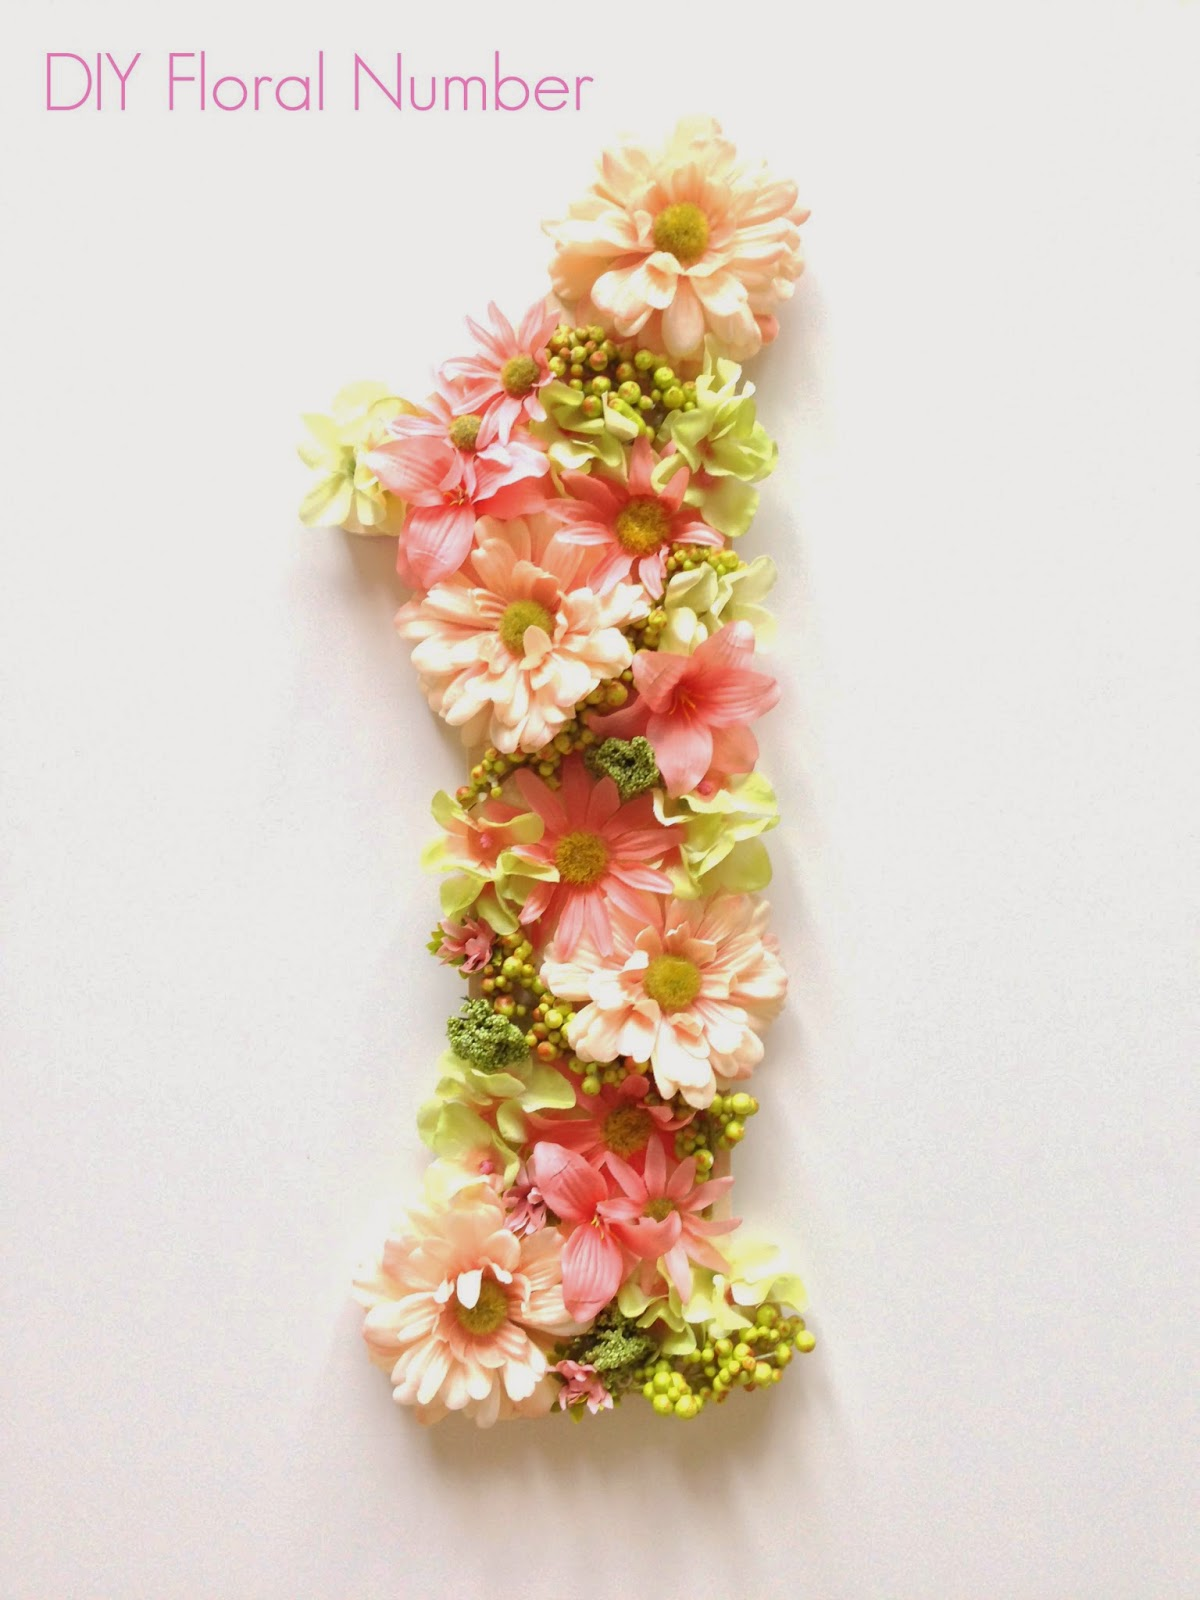 DIY: Floral number